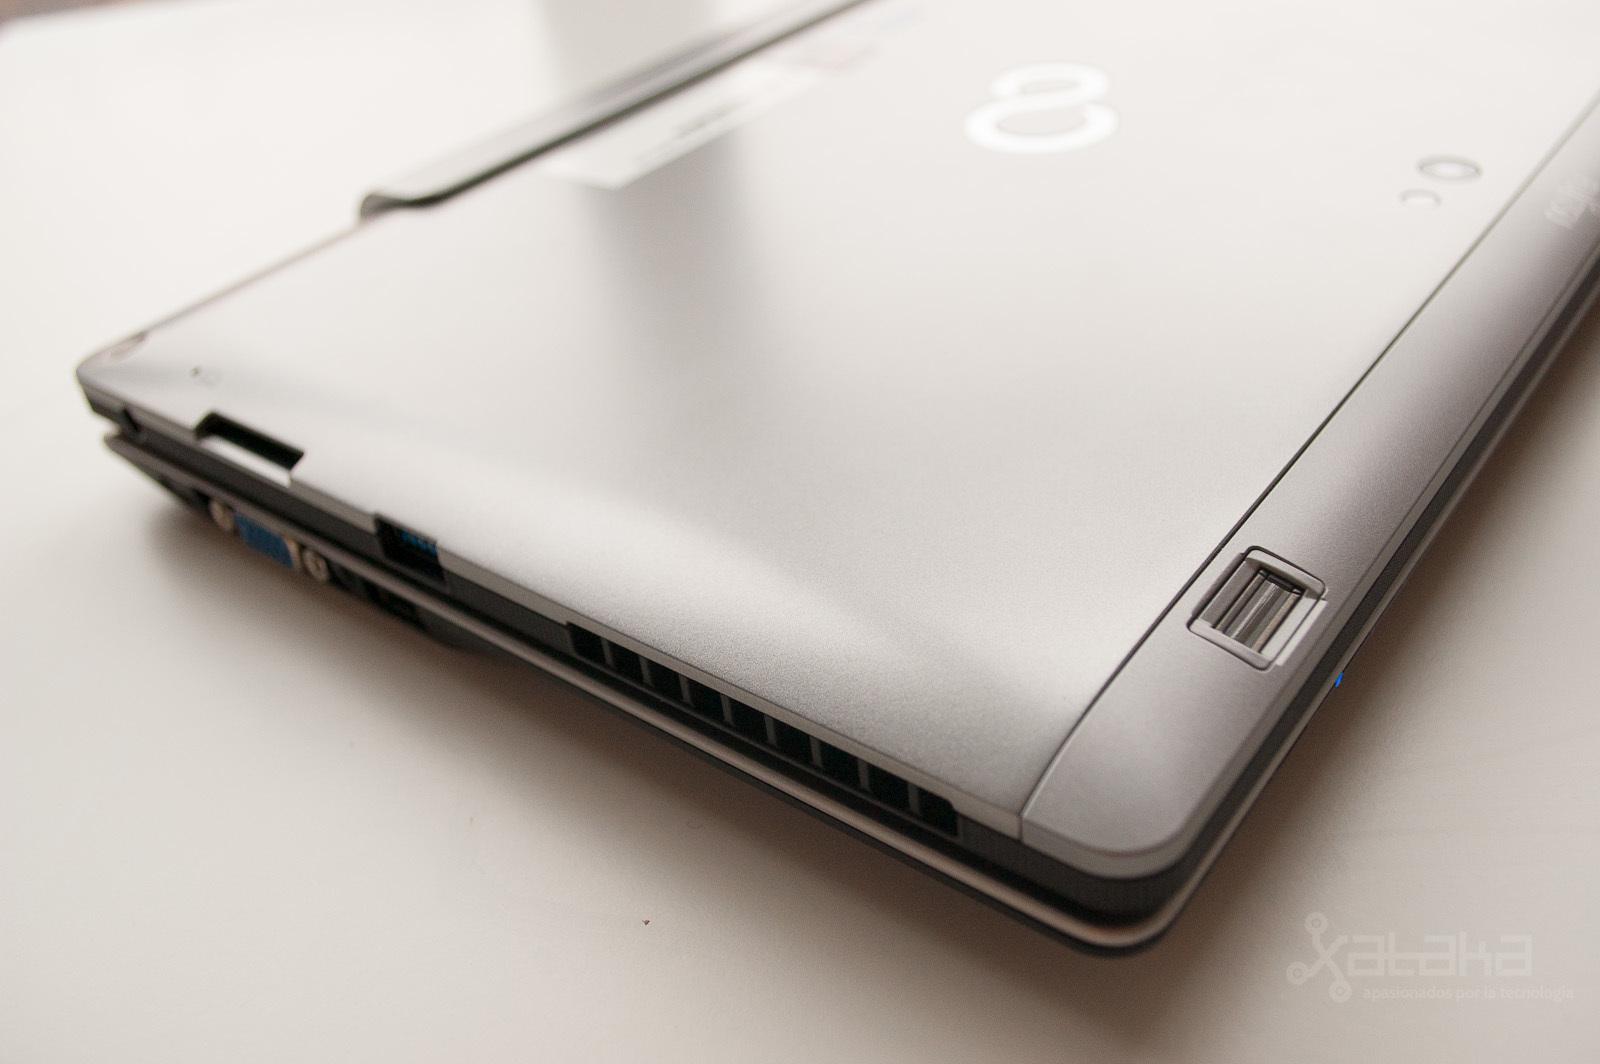 Fujitsu Stylistic Q702, análisis